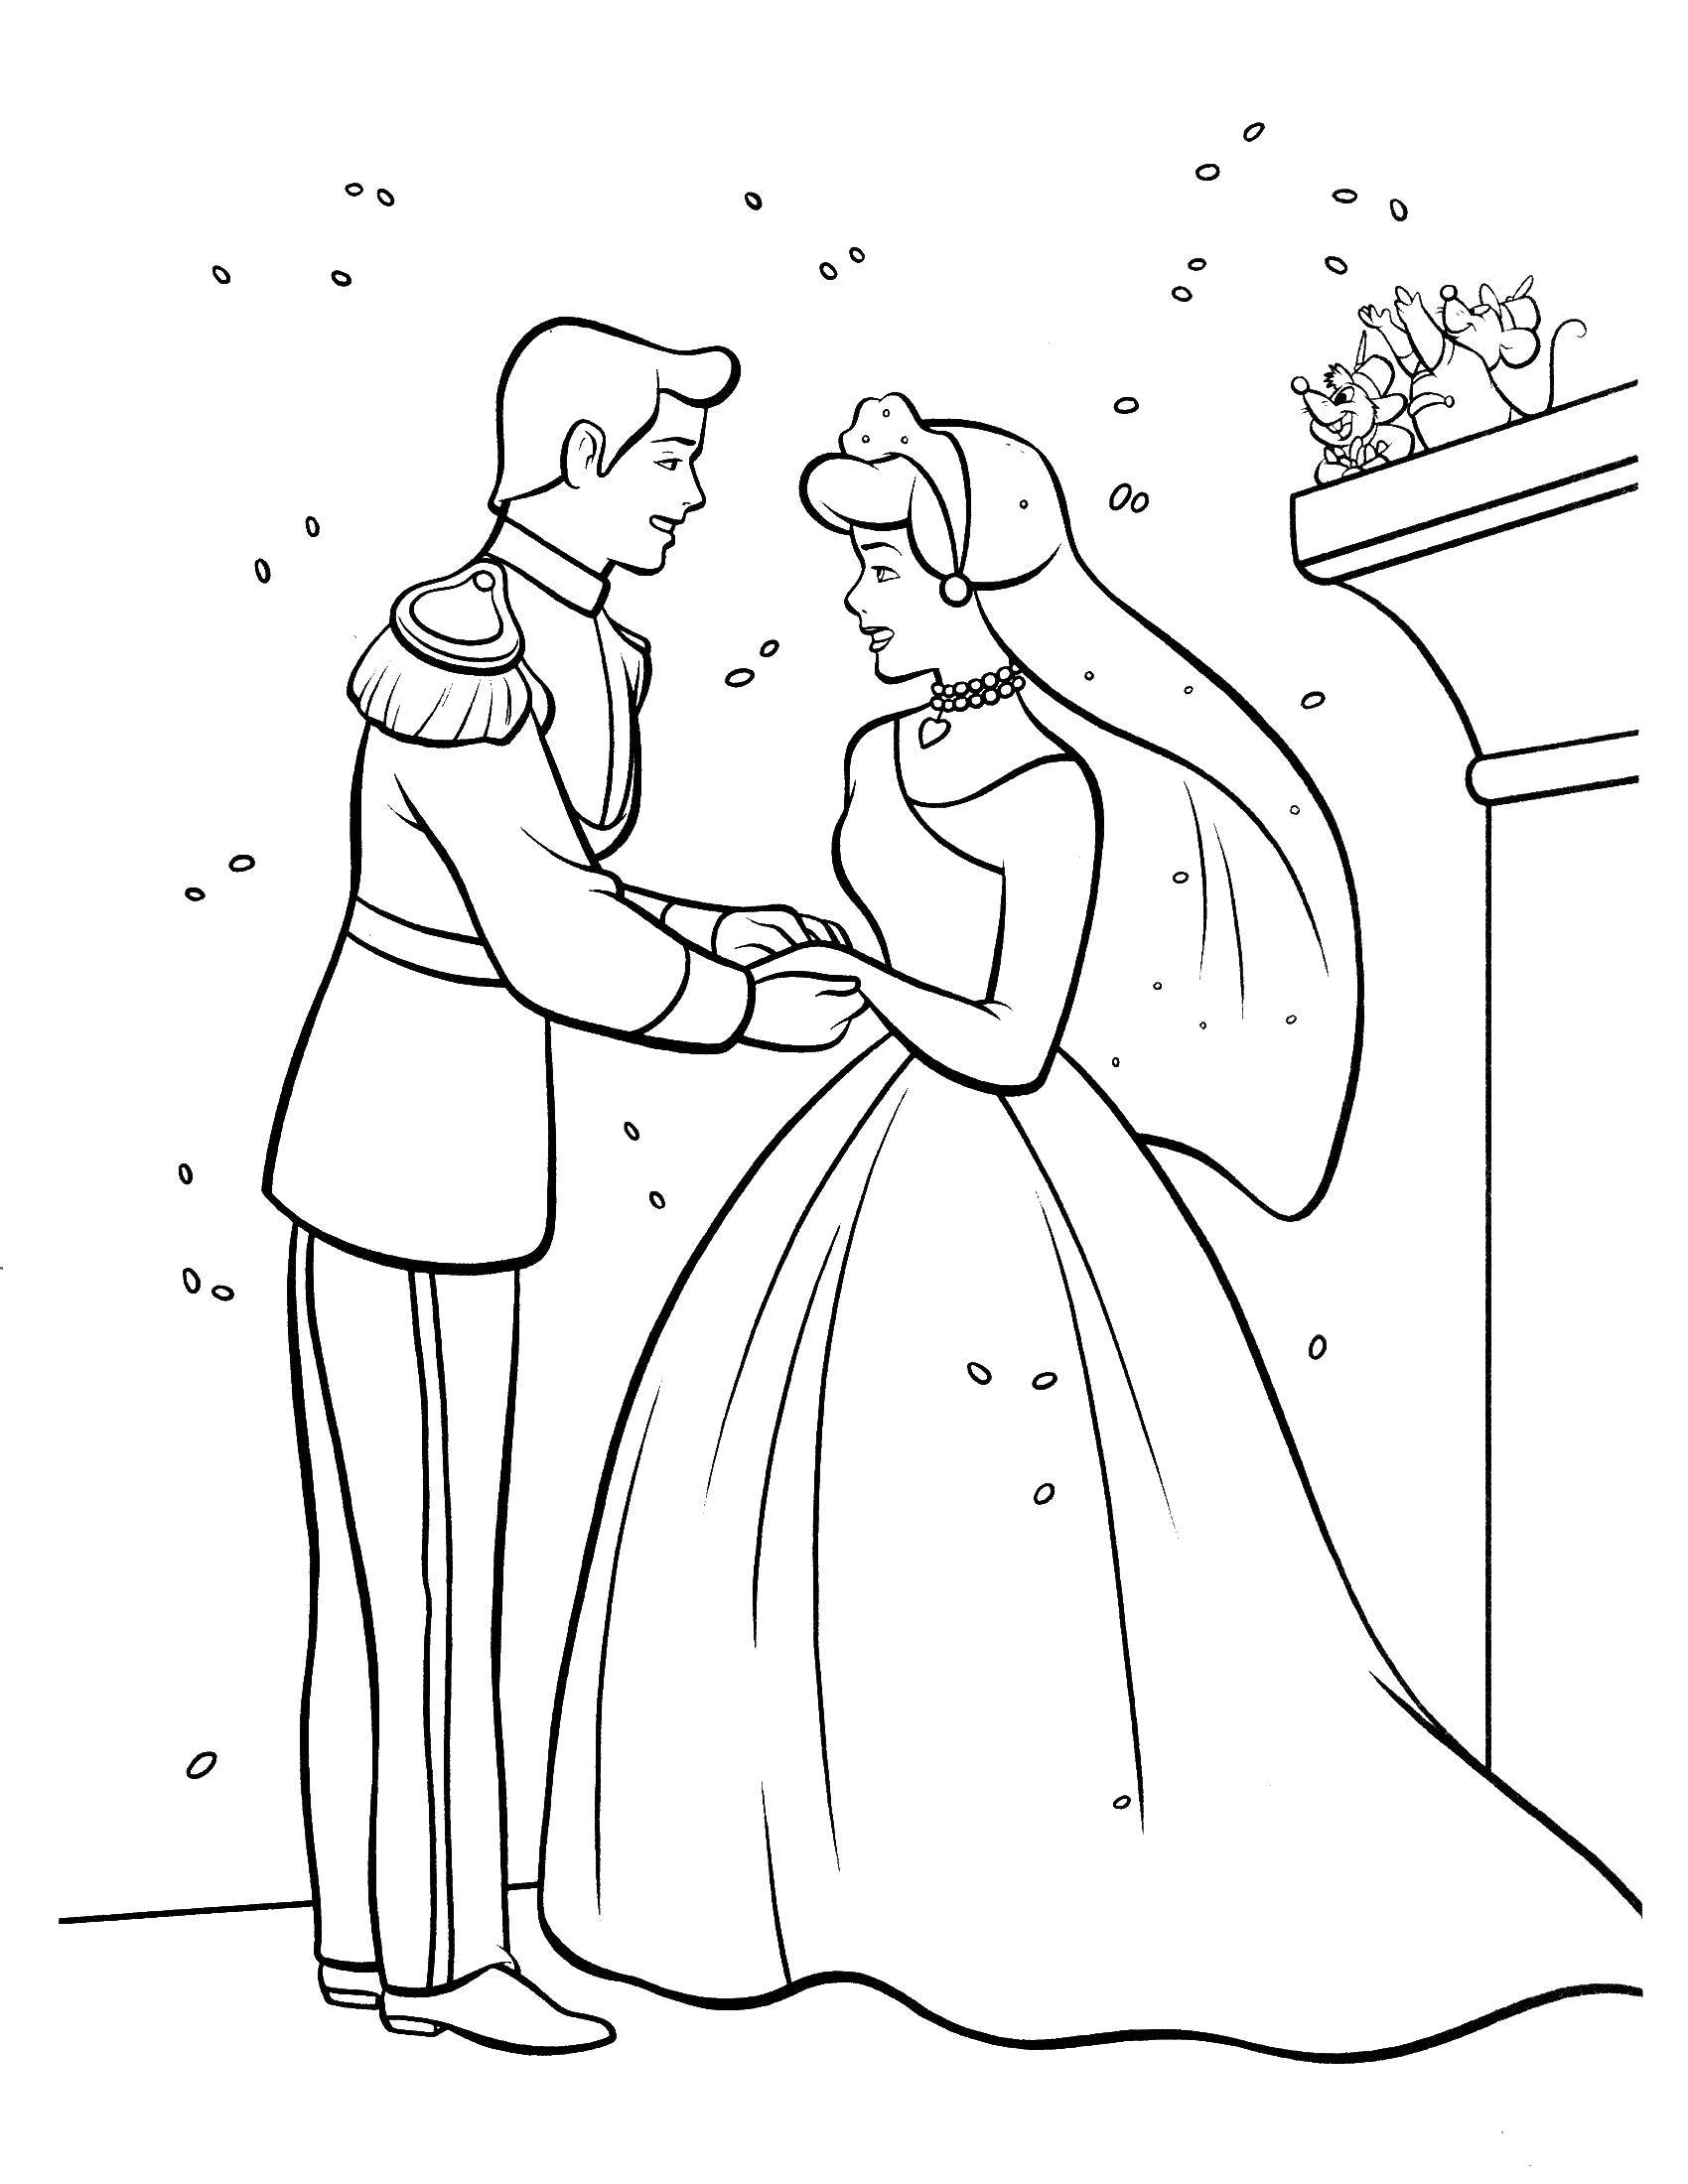 Раскраска Принц и принцесса Скачать свадьба, принц, принцесса.  Распечатать ,Свадьба,